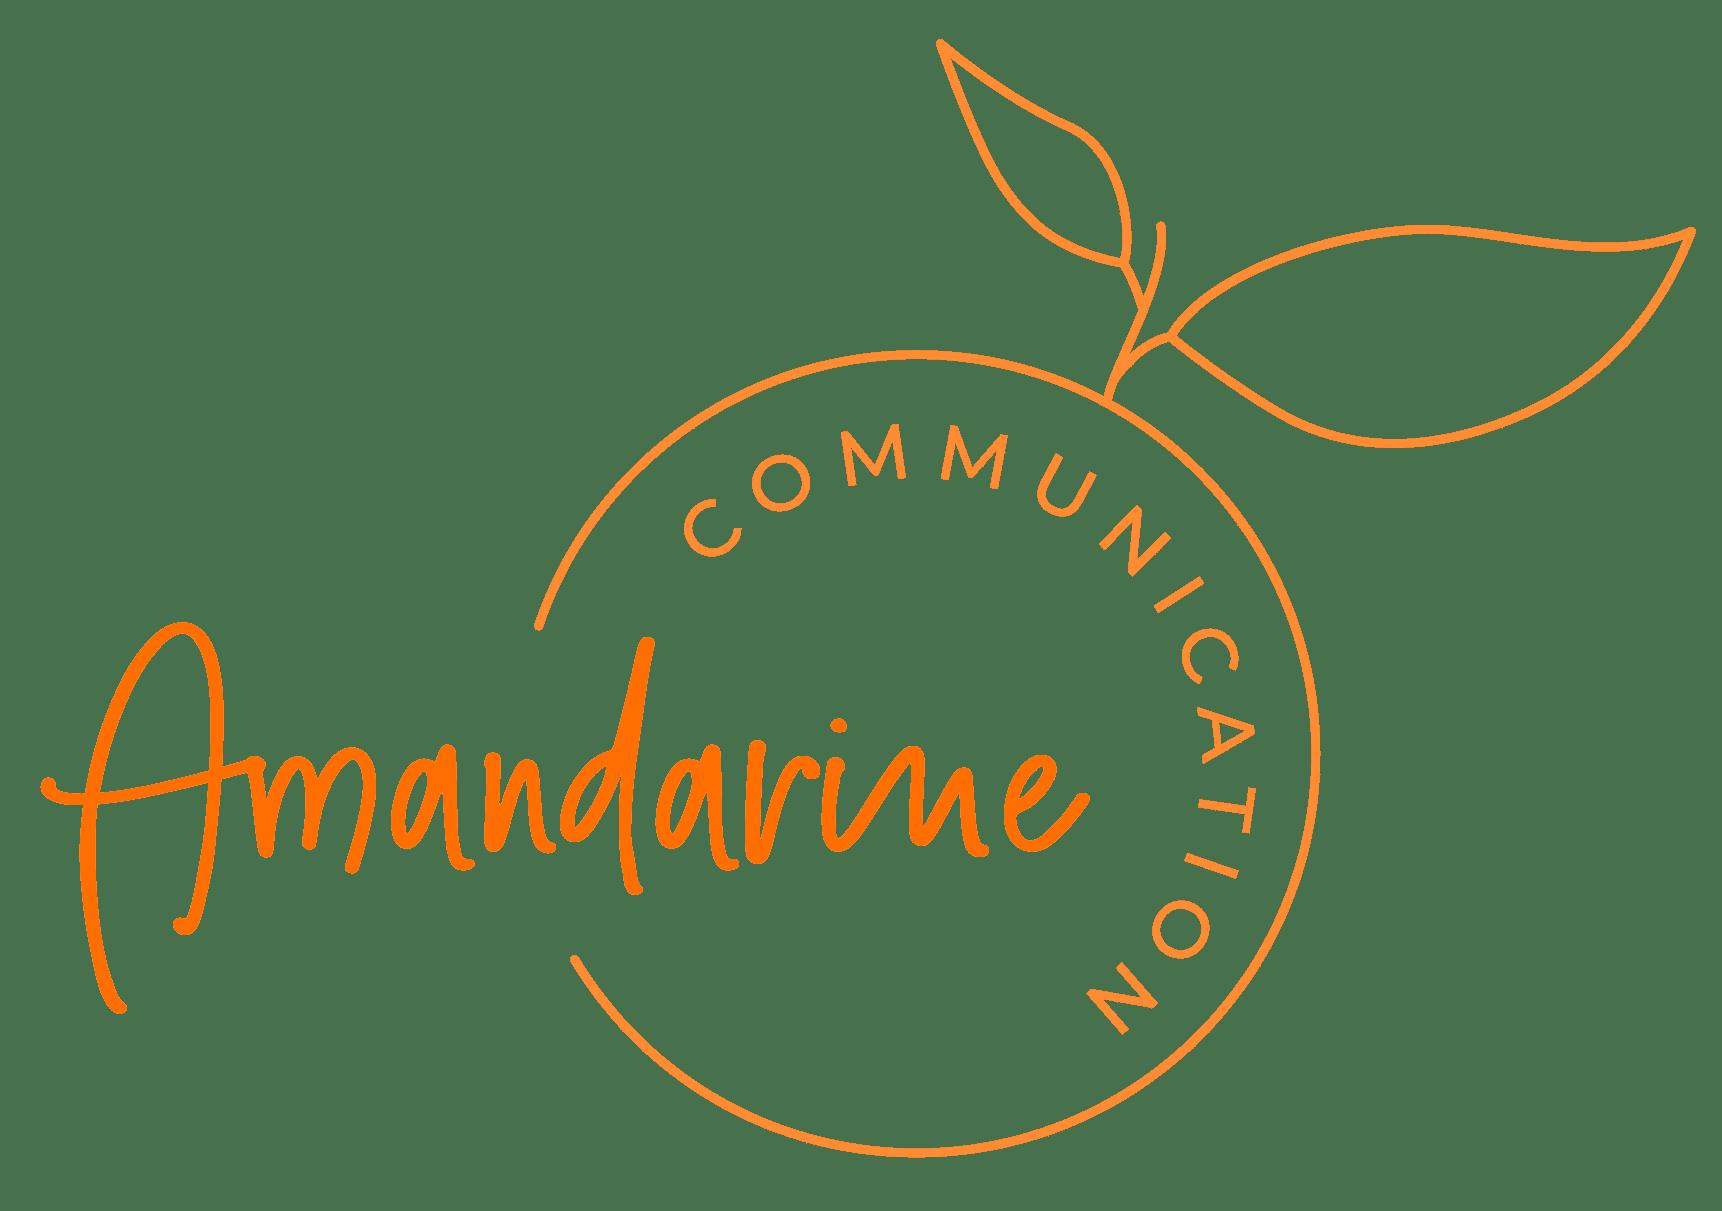 Amandarine Communication